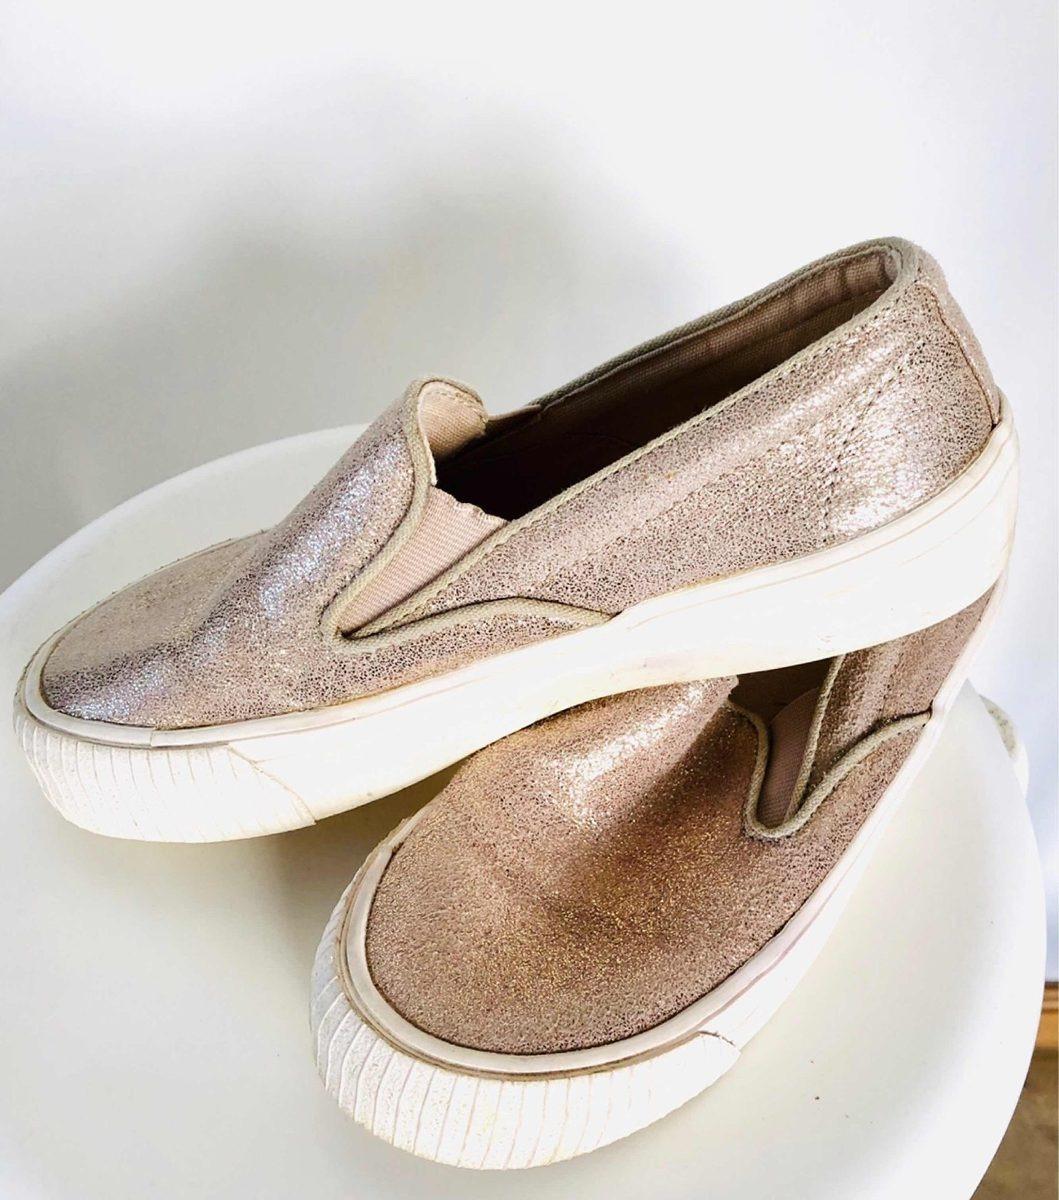 mejor sitio web 88b6e ea525 Zara Girls Panchas Zapatillas Alpargatas Nena Niña Dorada 34 - $ 750,00